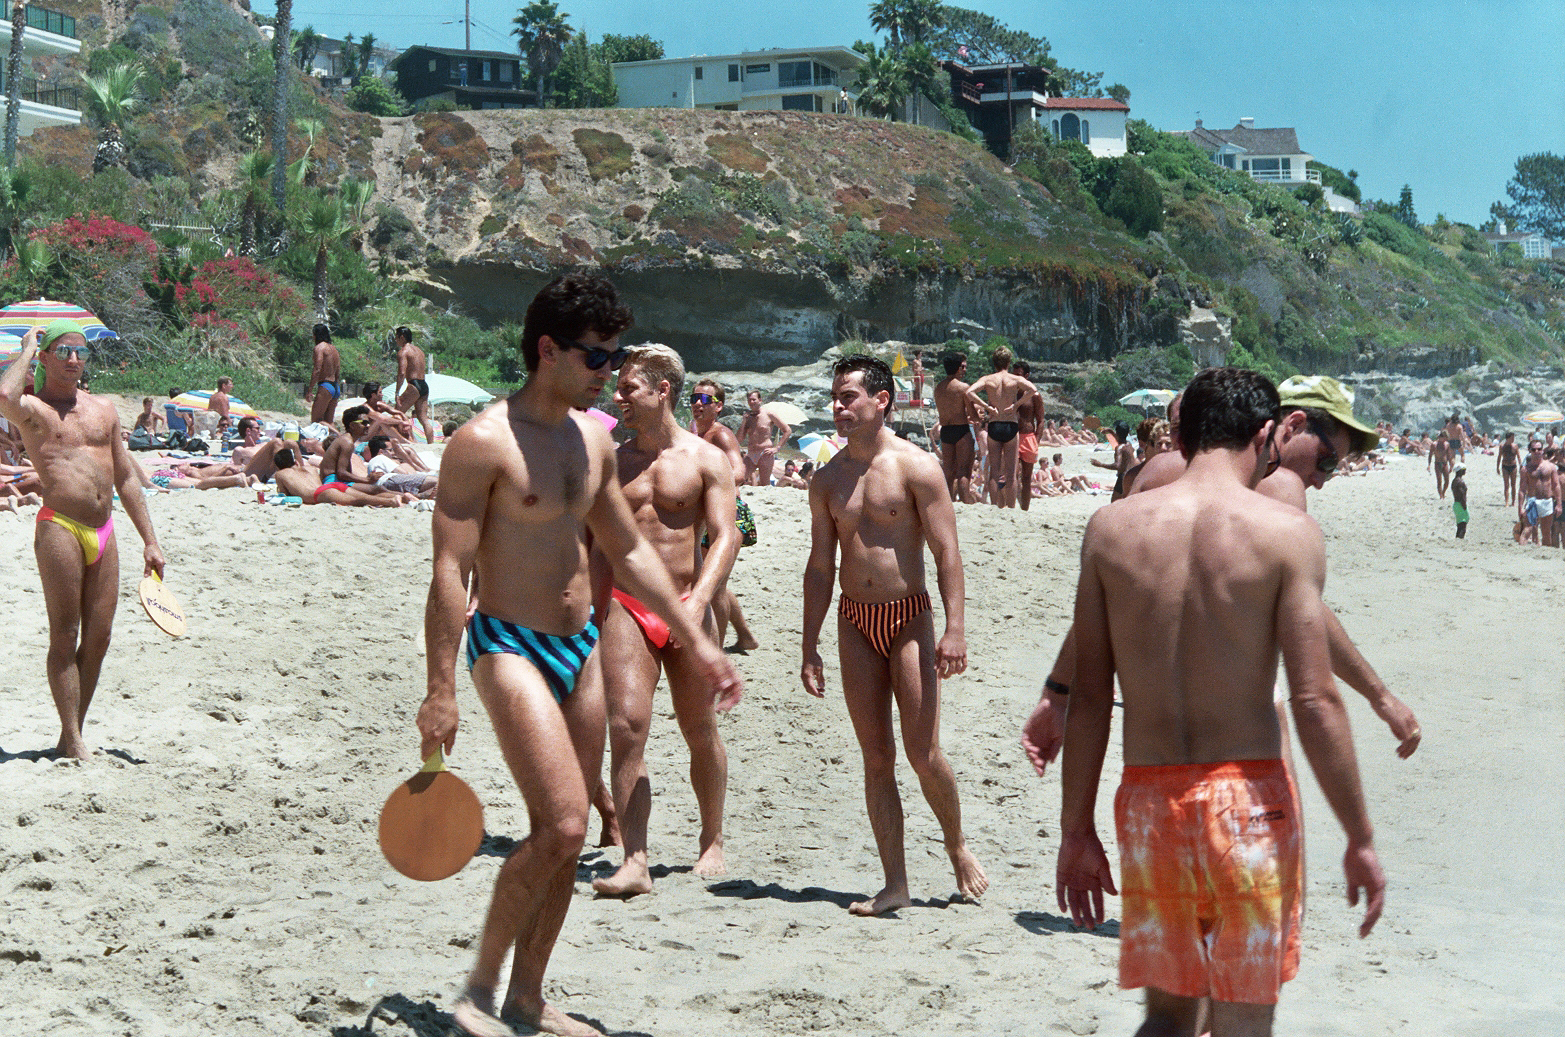 laguna-beach---gay-area_3554530821_o